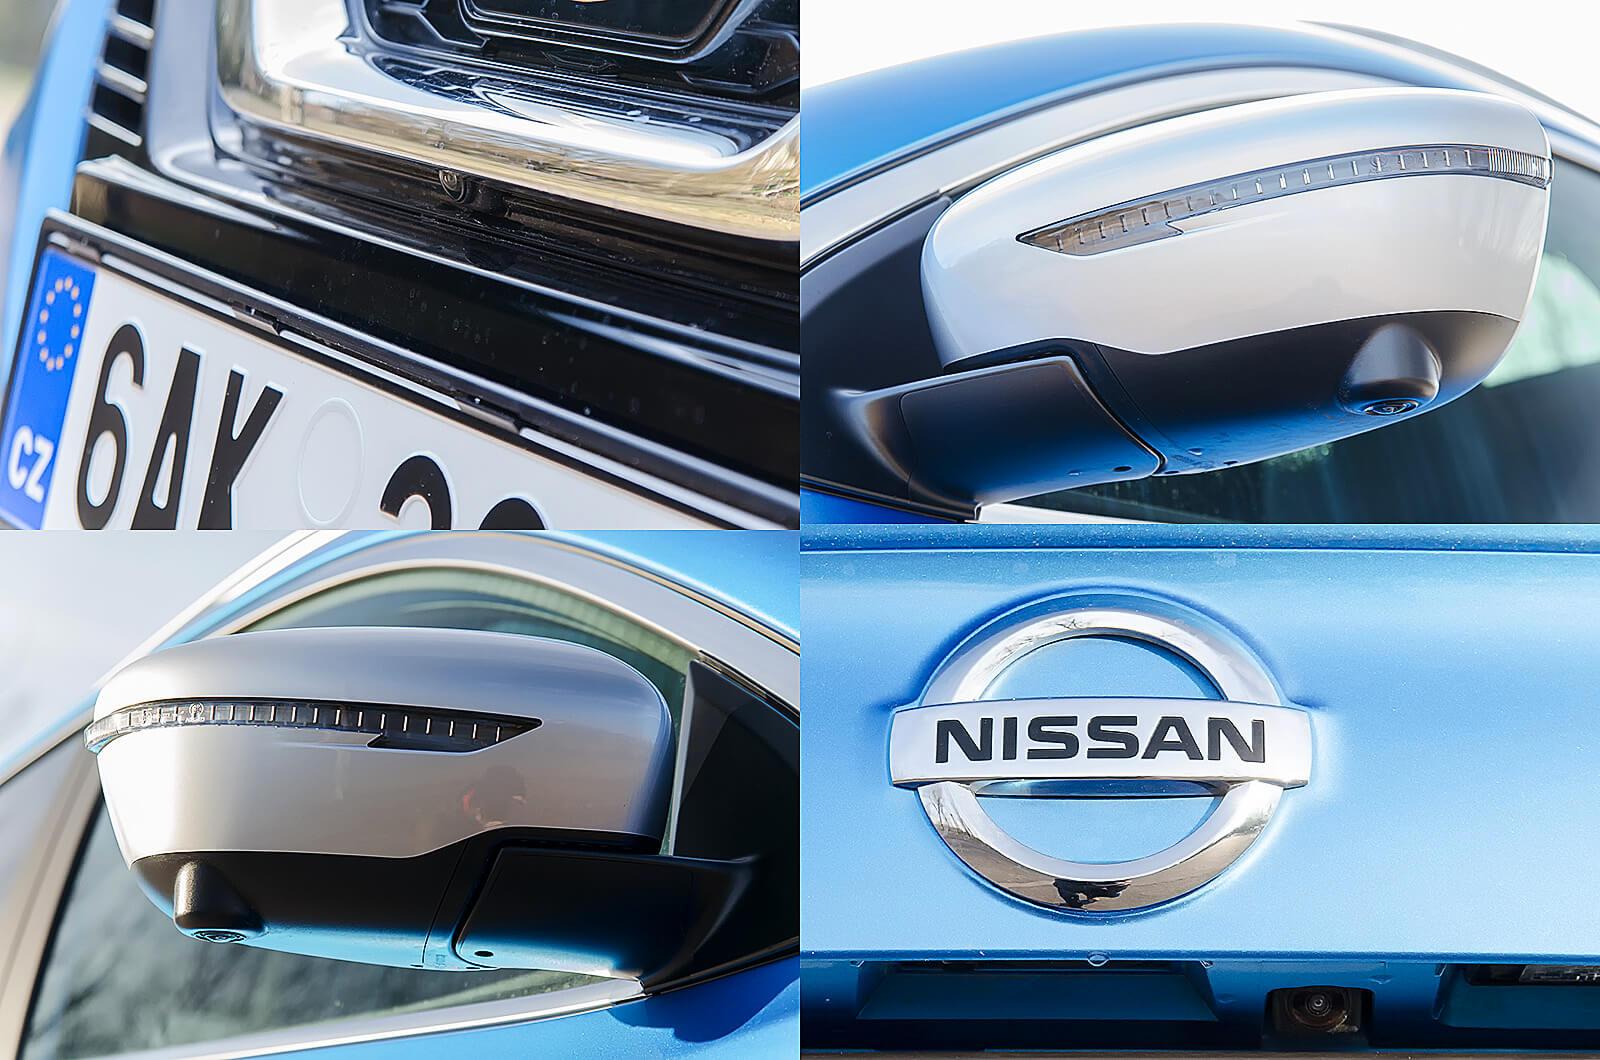 Nissan Qashqai kamerák - teszt - férfimagazin